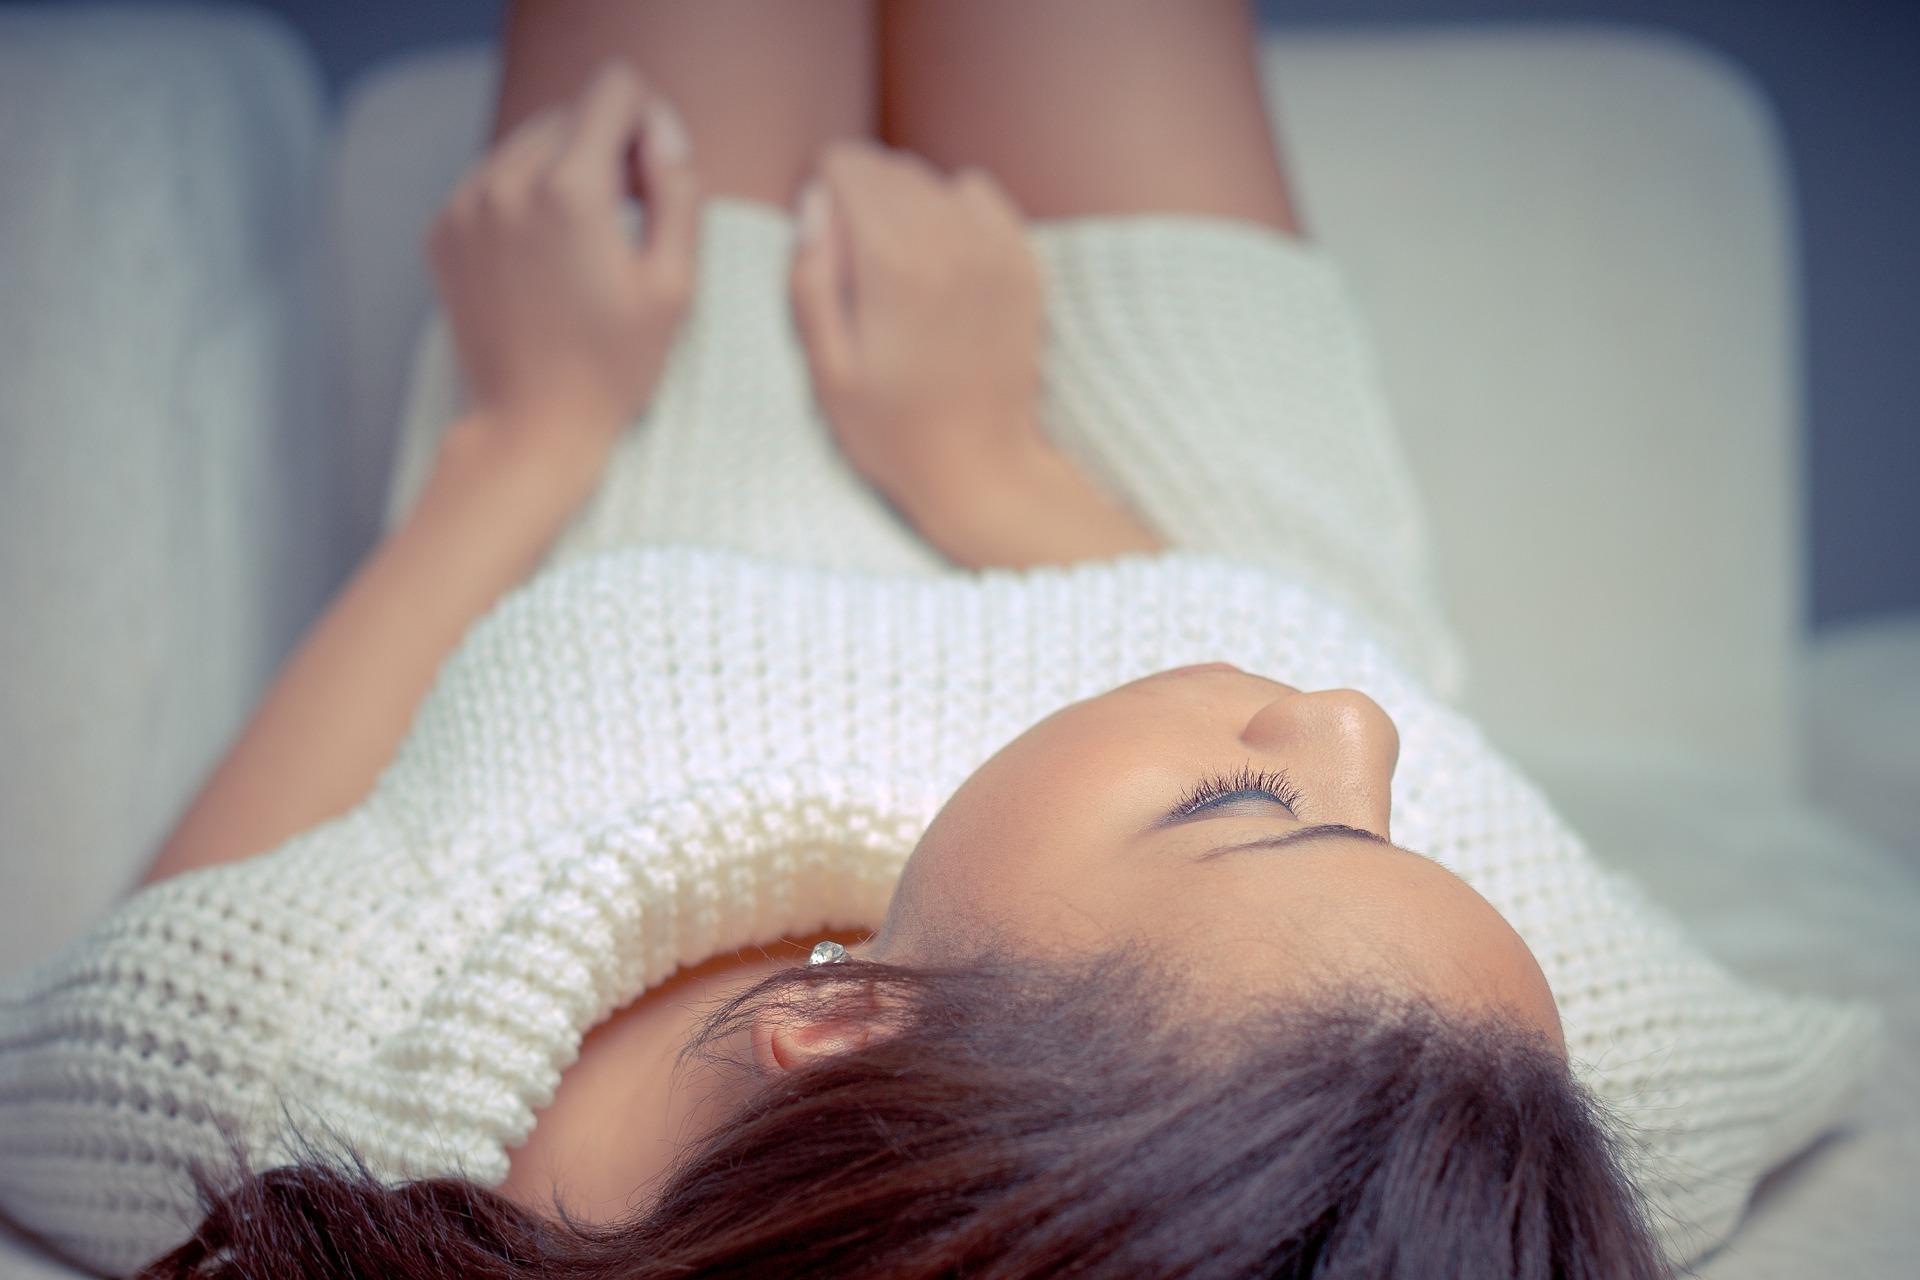 Przezorny zyskuje podwójnie, czyli jak przygotować się do porodu